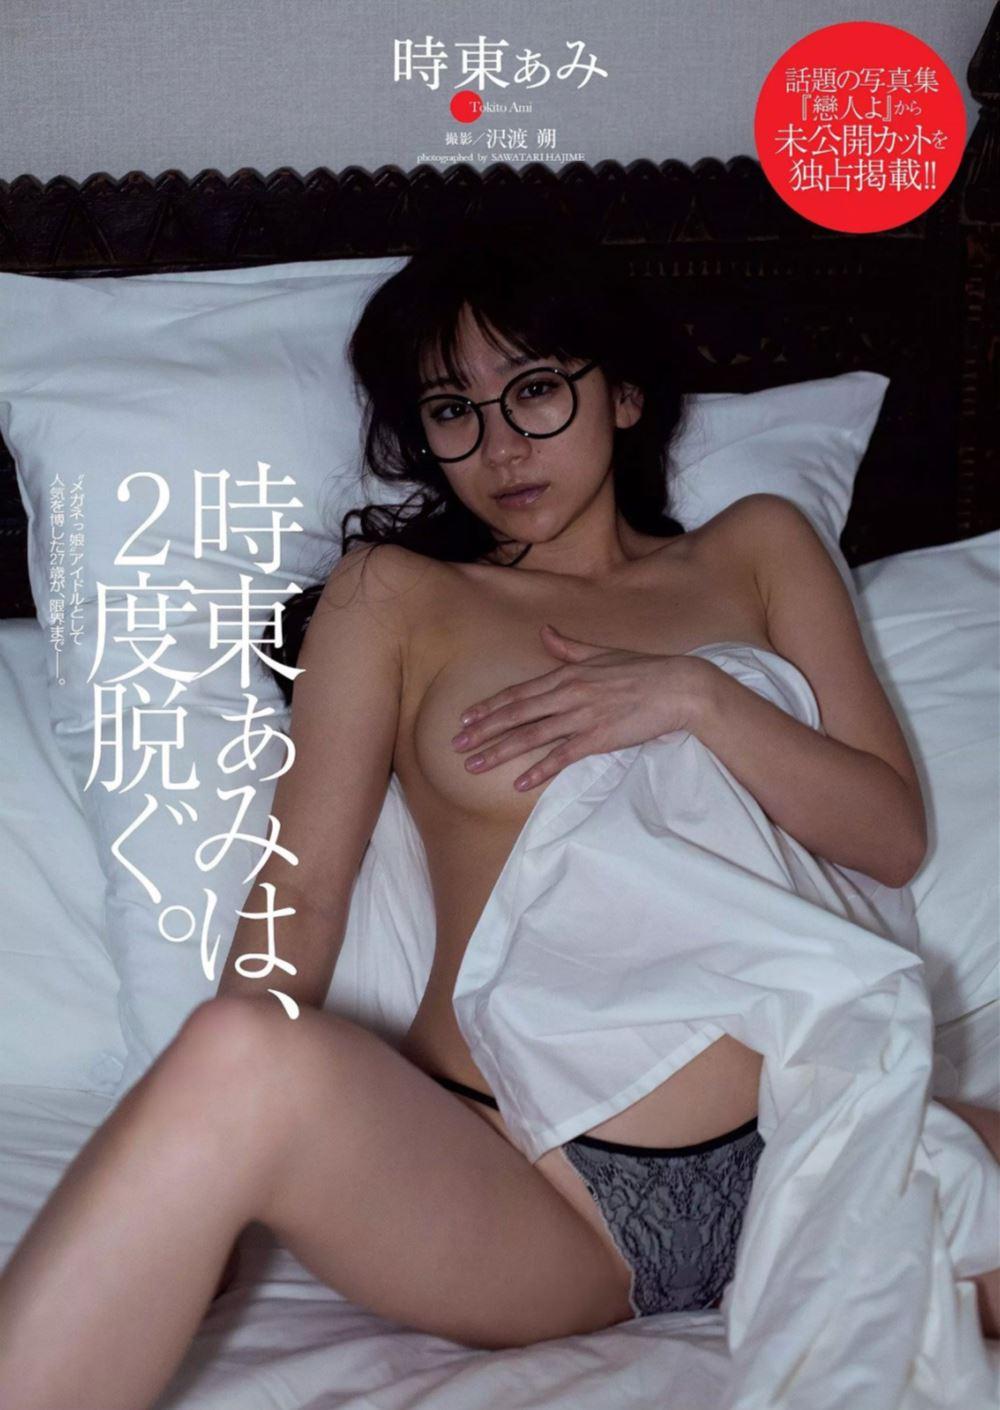 時東ぁみ 元祖メガネアイドルの完脱ぎ画像